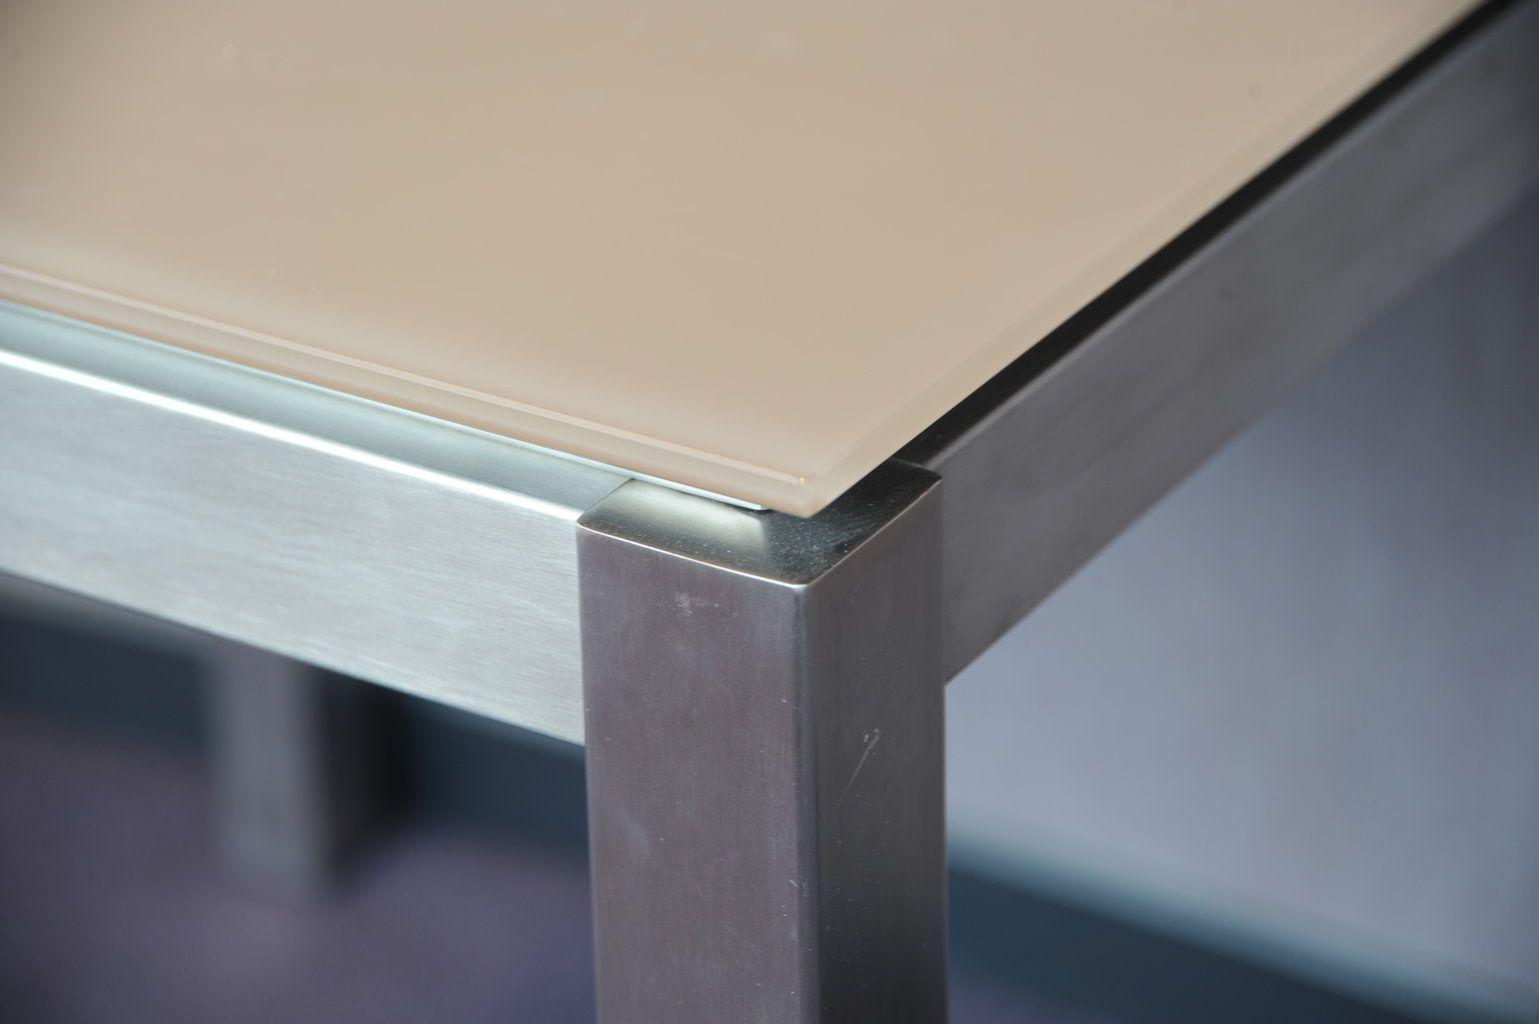 Glazen Tafelbladen Op Maat.Glazen Tafelblad Op Maat Tafelblad Ideeen Voor